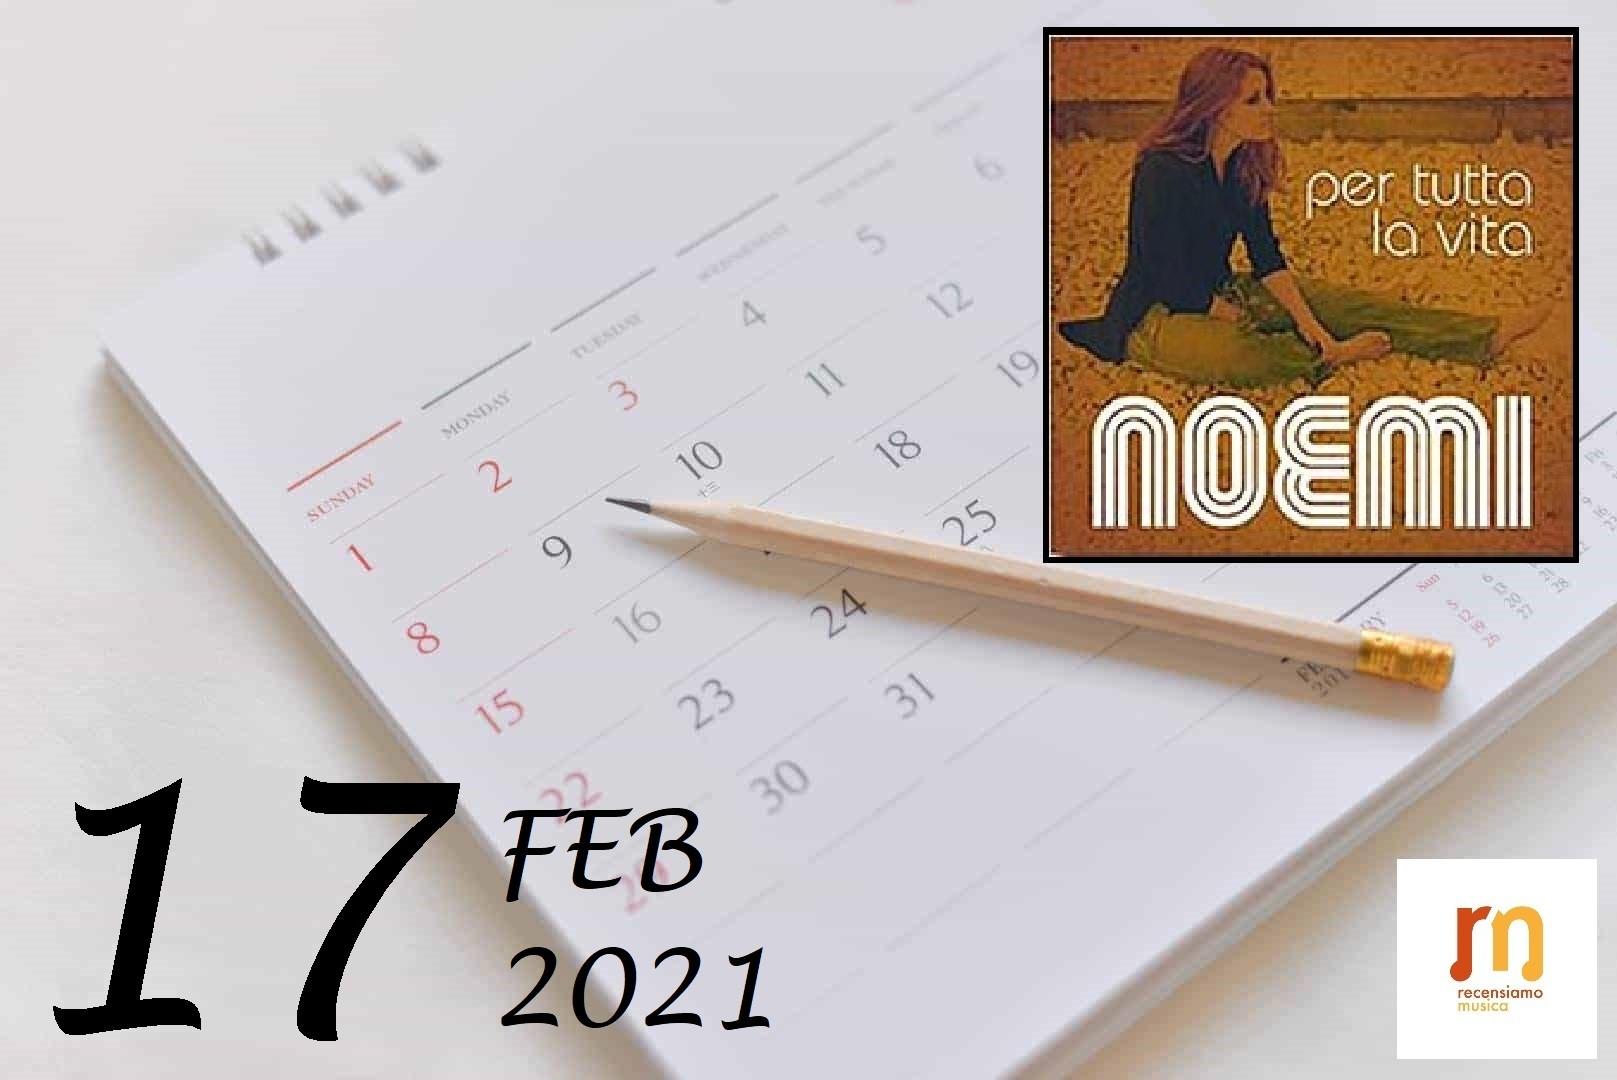 17 febbraio